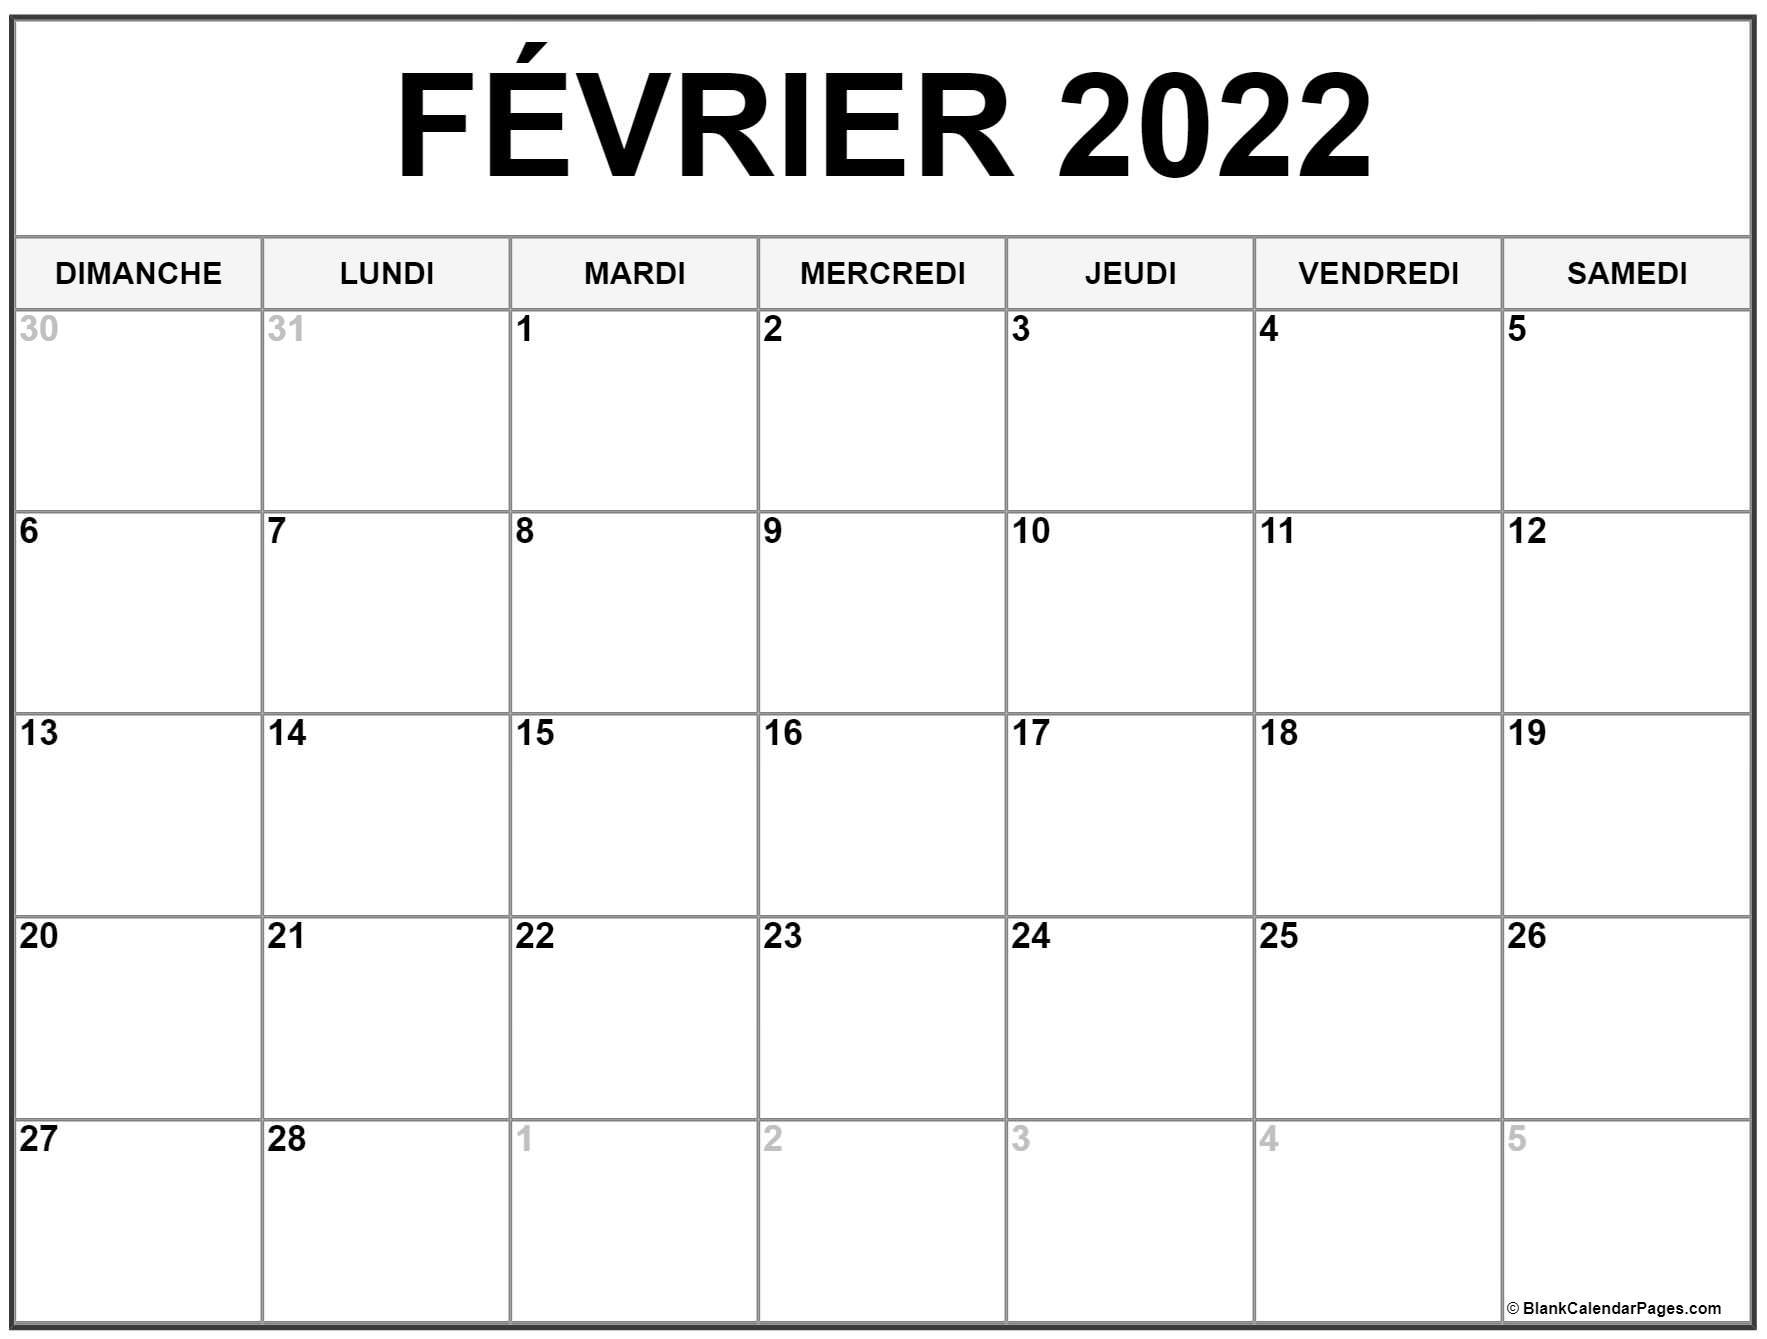 Calendrier à Imprimer Février 2022 février 2022 calendrier imprimable | Calendrier gratuit